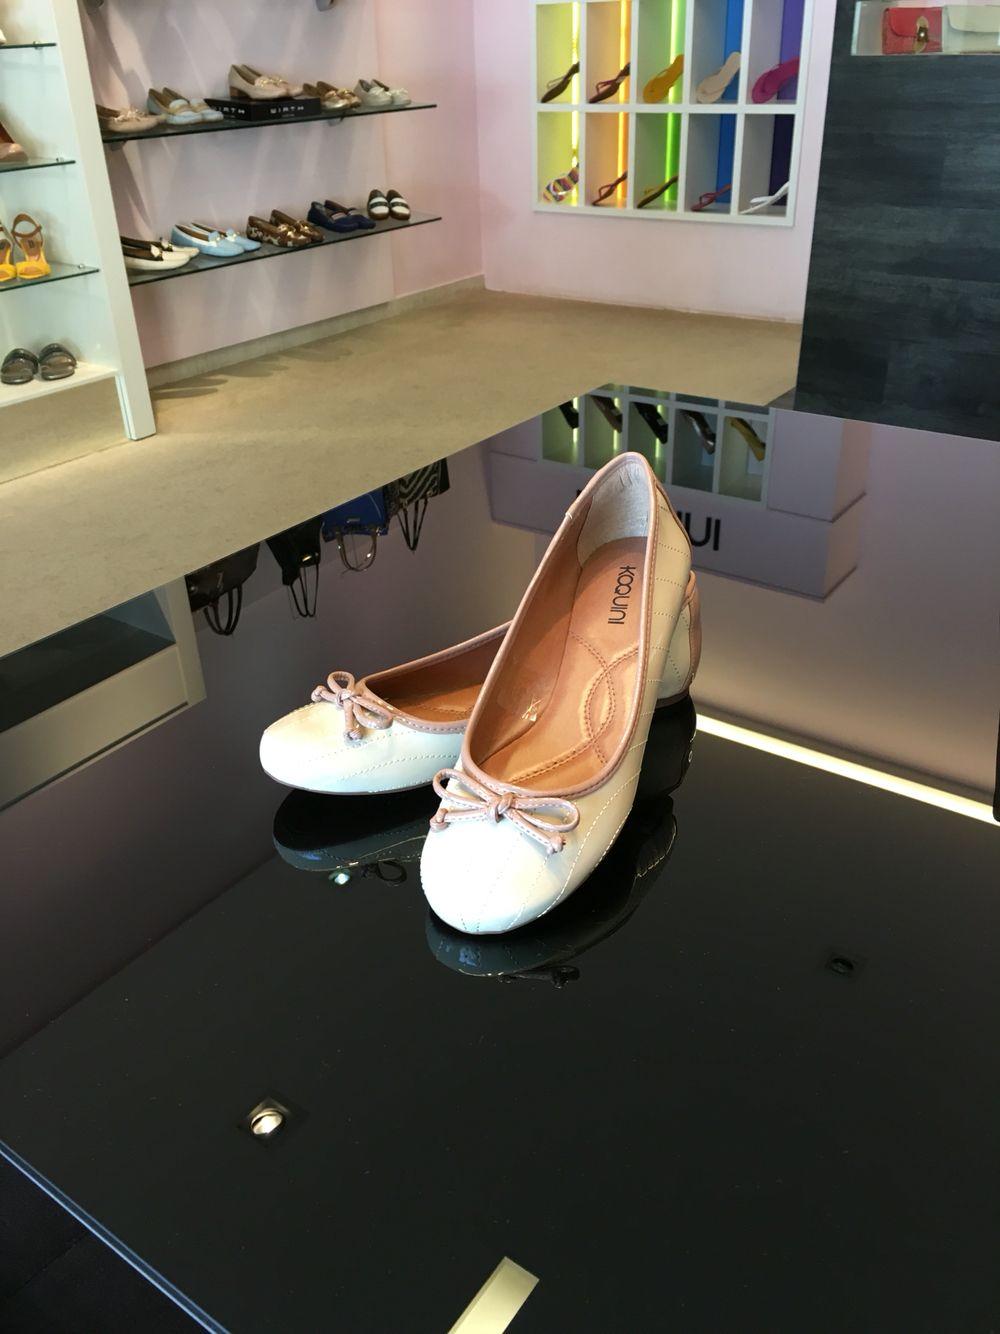 Você é  por sapatilhas? Vai amar esse novo modelo de bordado #matelasse #koquini #sapatilhas #euquero Compre Online: http://koqu.in/22Hd7ZK